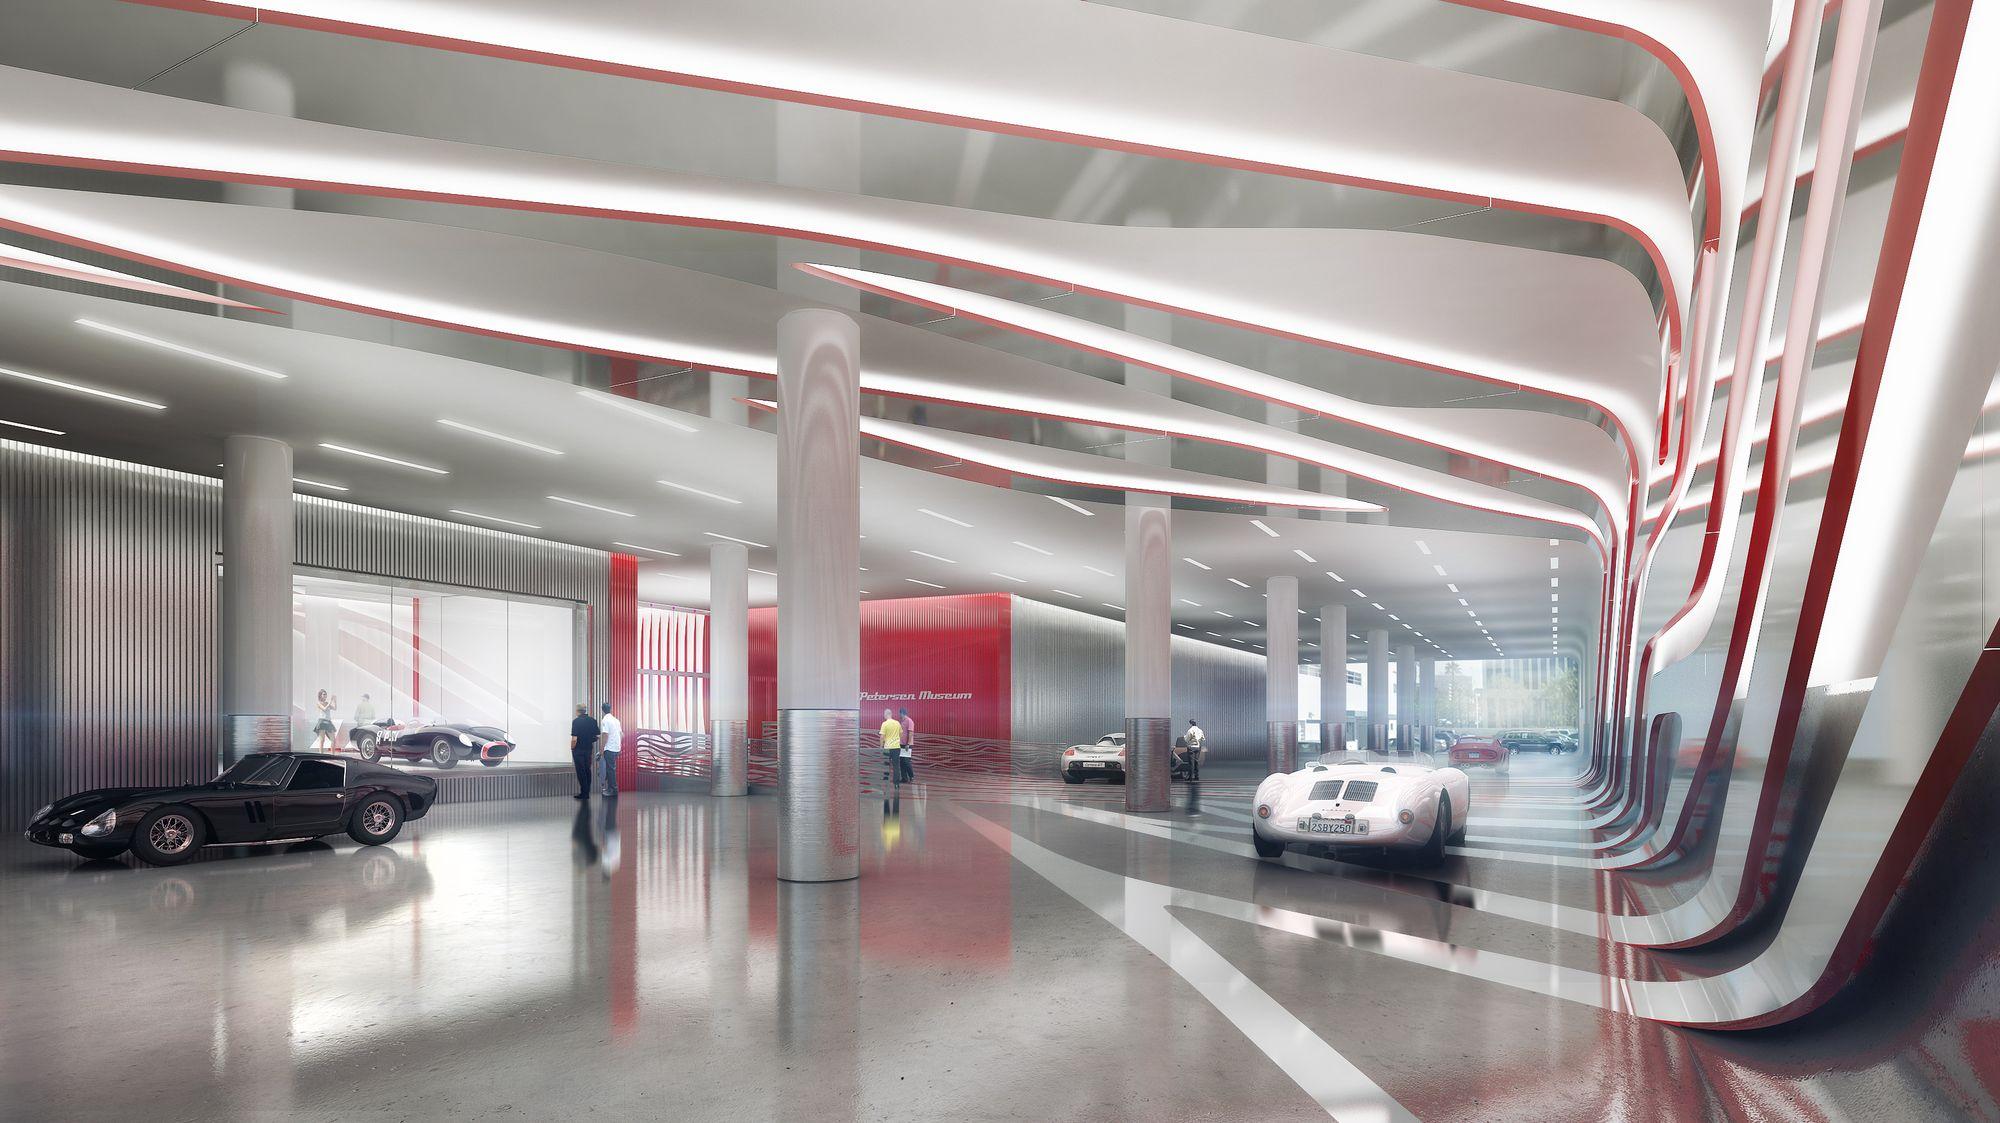 New Museum In La Petersen Automotive Museum Codylee Co